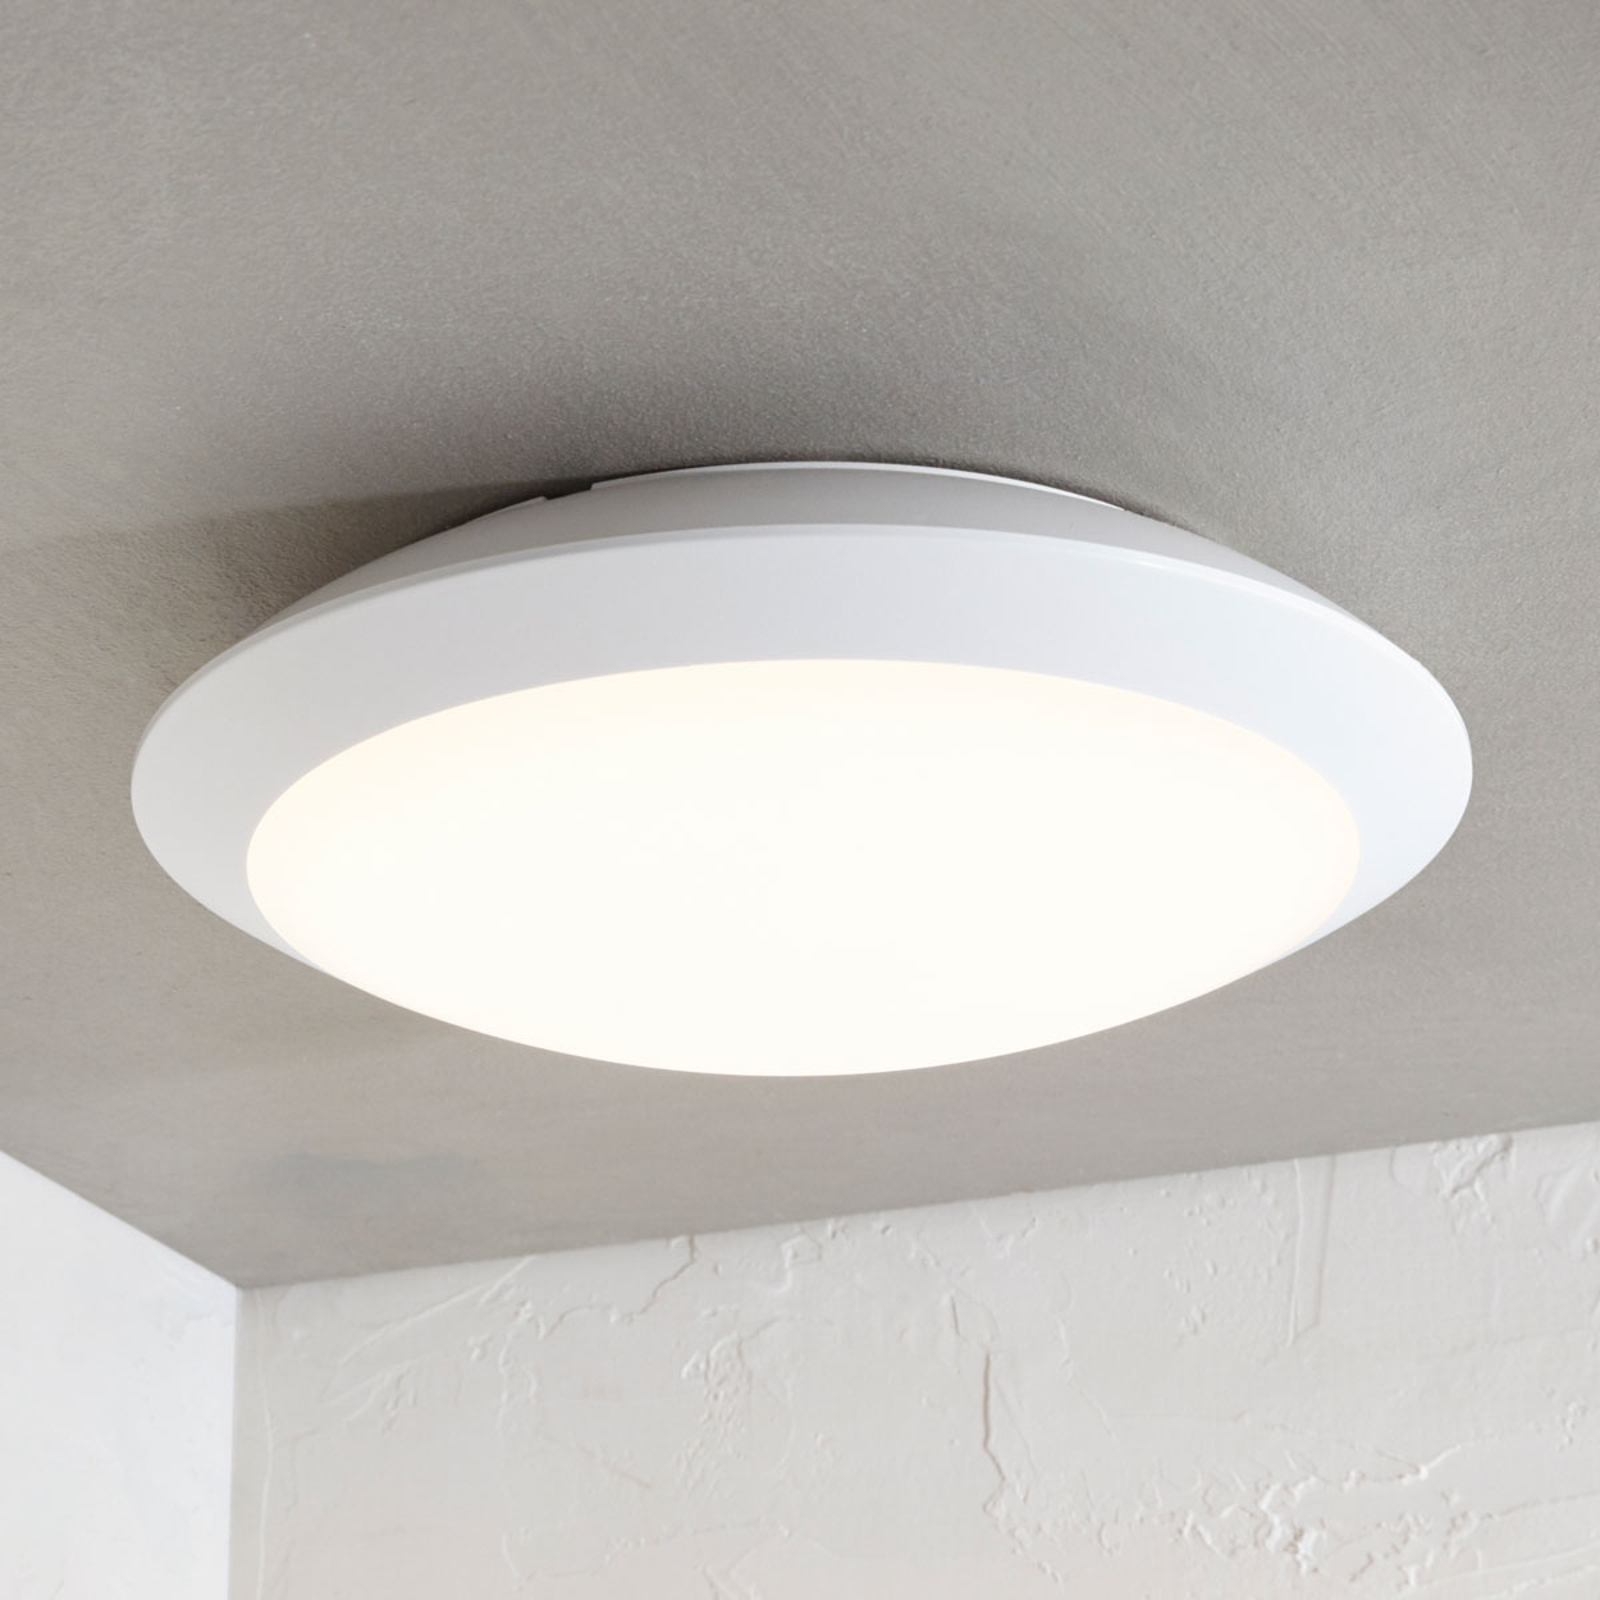 Utendørs LED-taklampe Naira, hvit, uten sensor